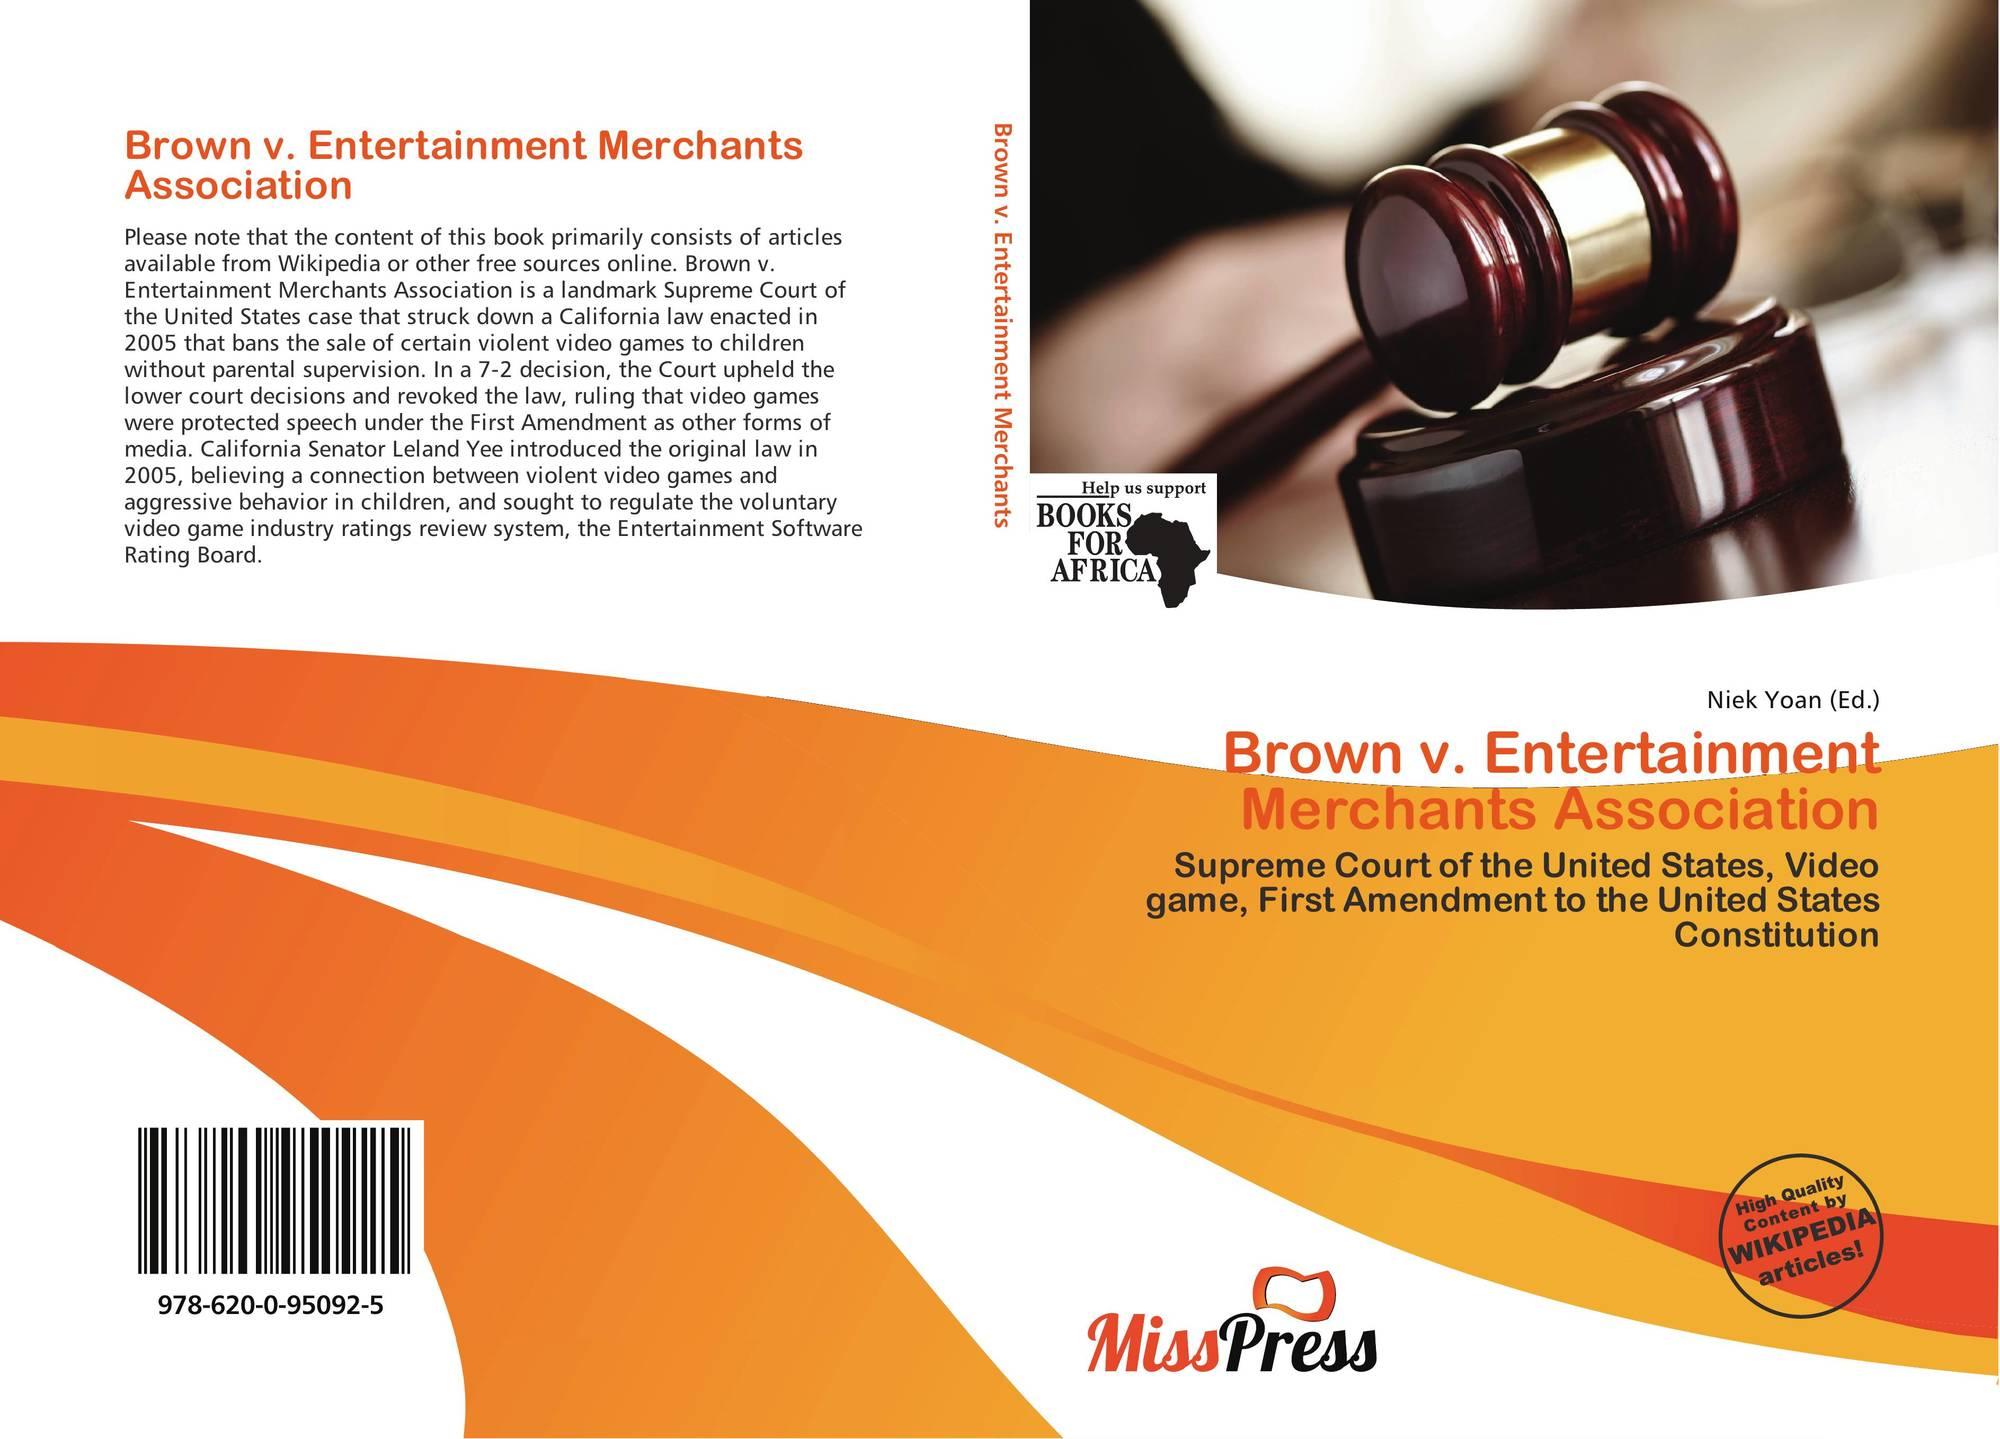 brown vs entertainment merchants assn